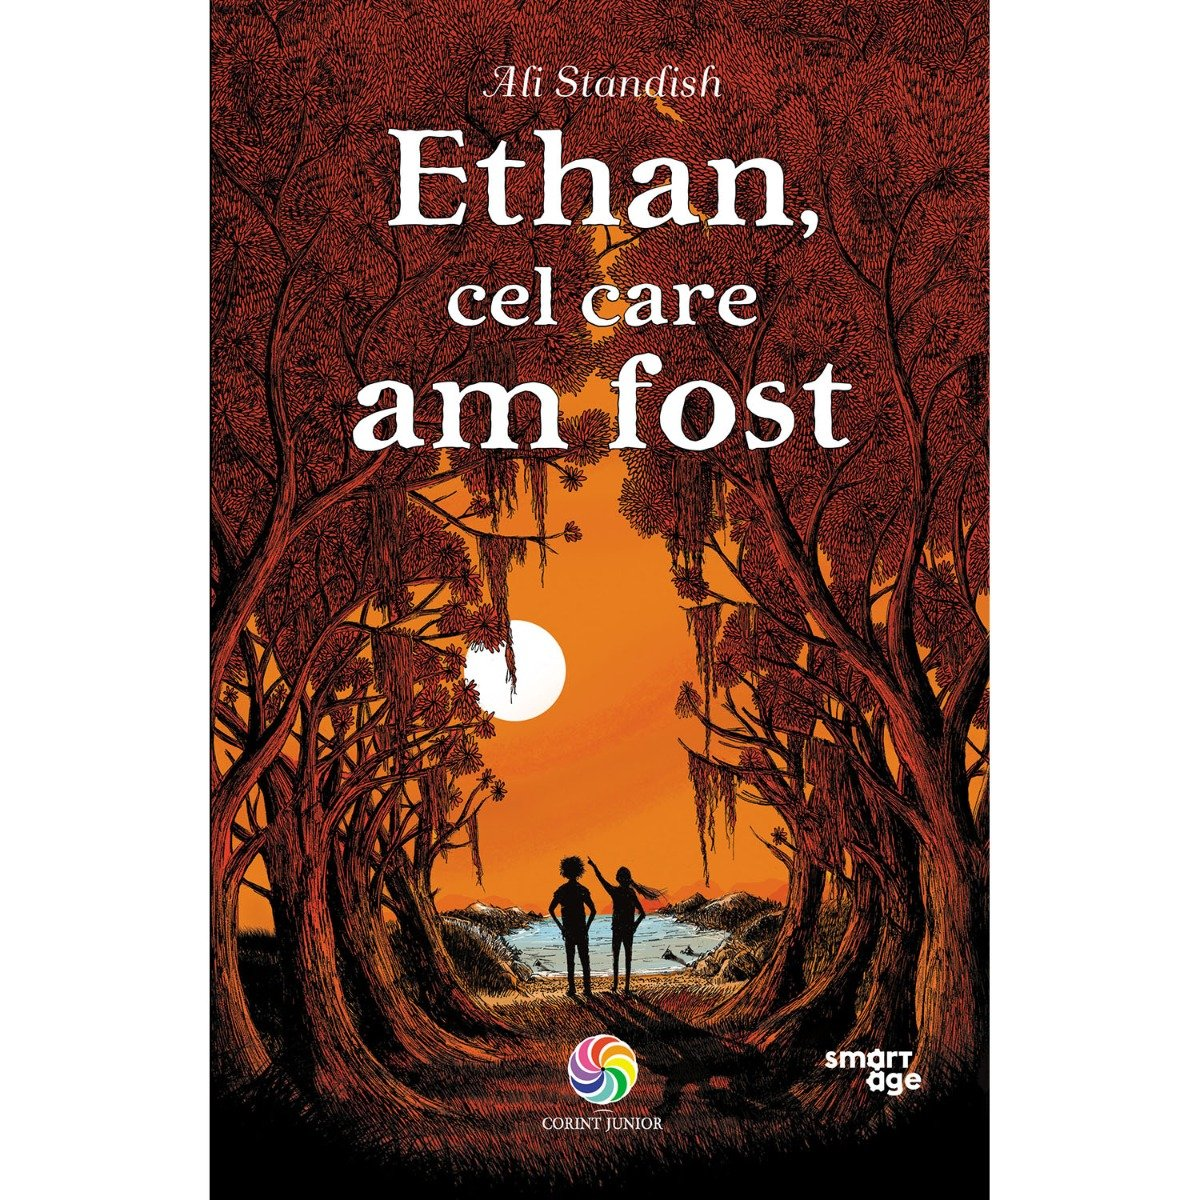 Carte Editura Corint, Ethan, cel care am fost, Ali Standish imagine